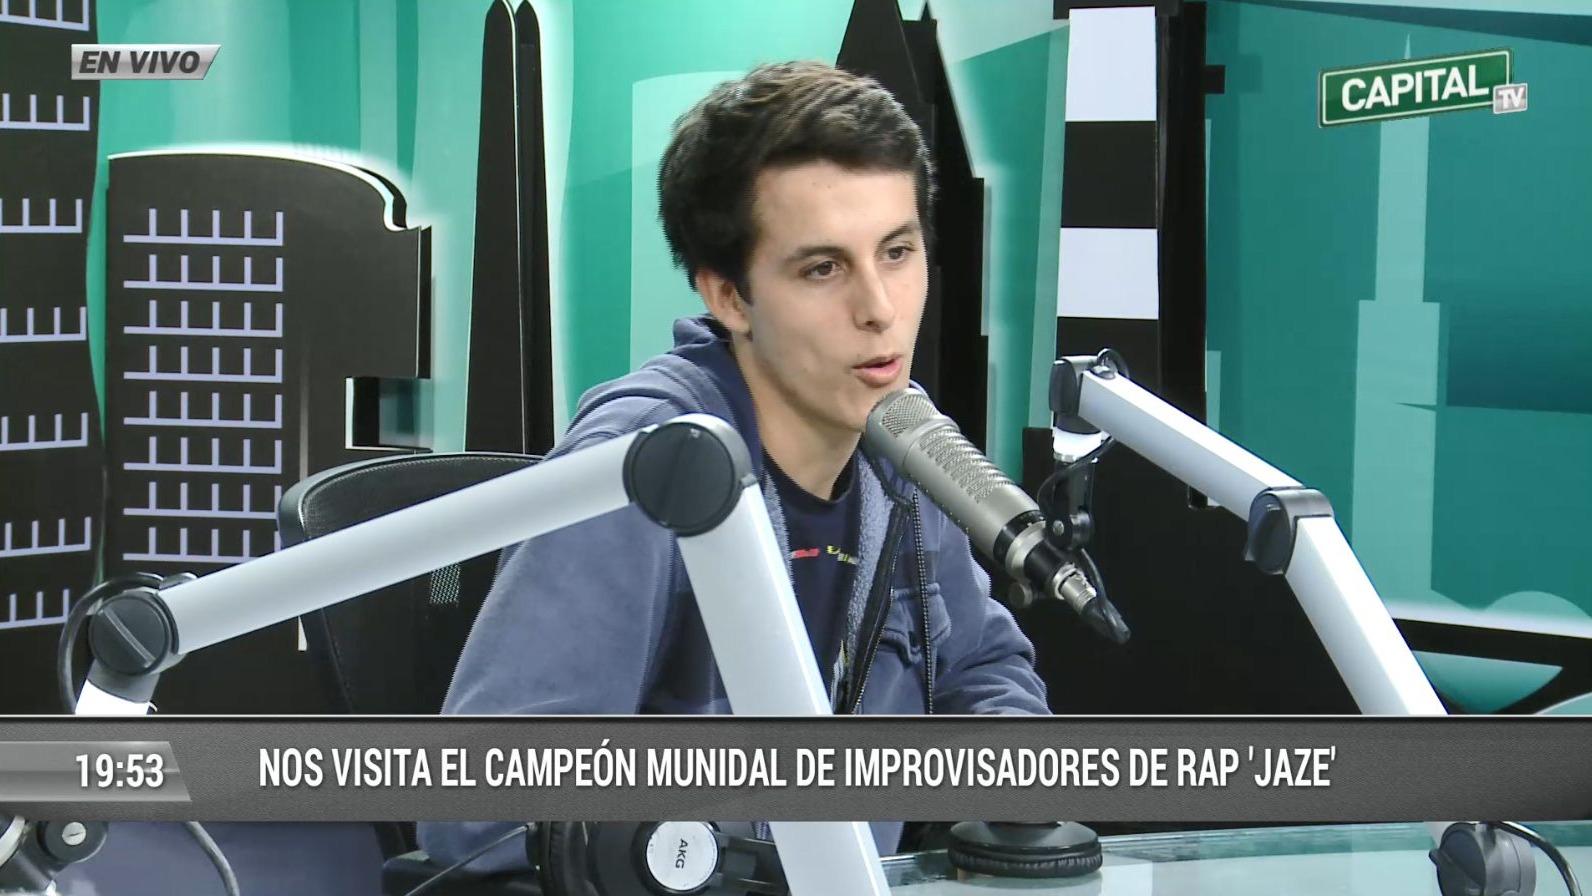 El campeón mundial de freestyle rap 'Jaze' le dedicó una improvisación a la Selección Peruana.